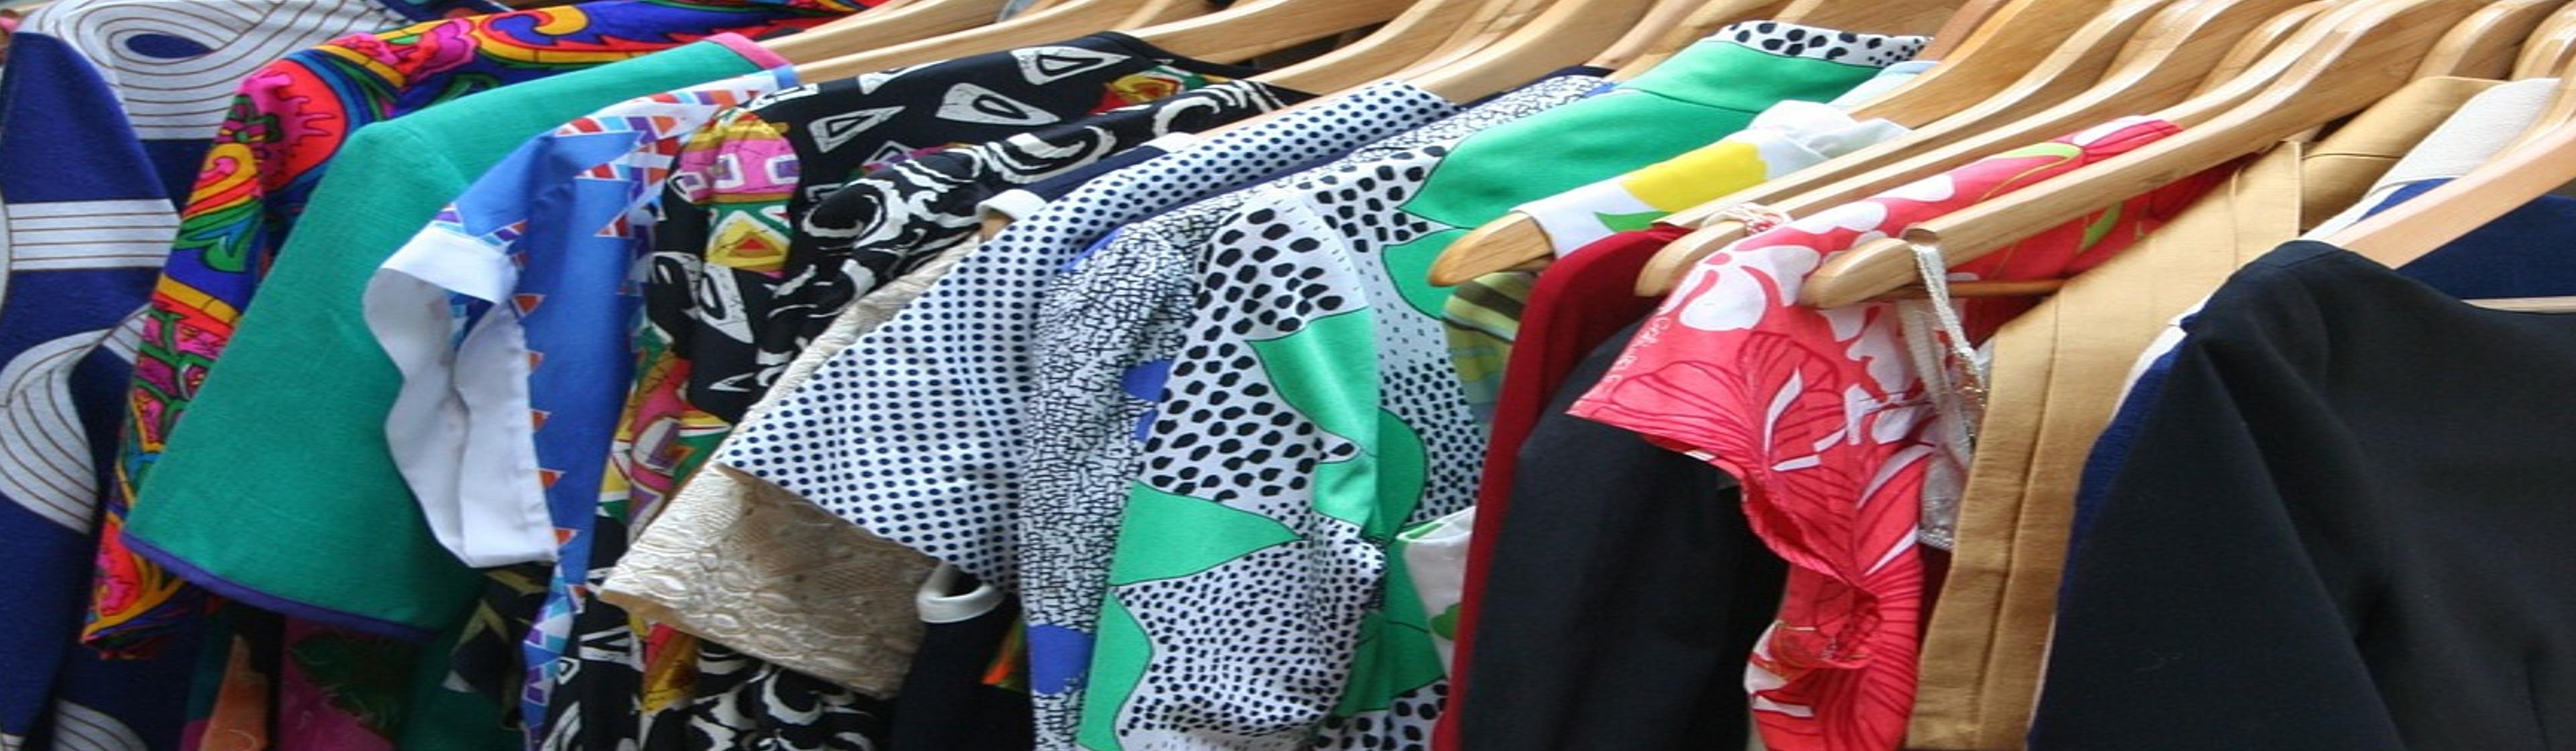 De-clutter Your Wardrobe in 6 Simple Steps!